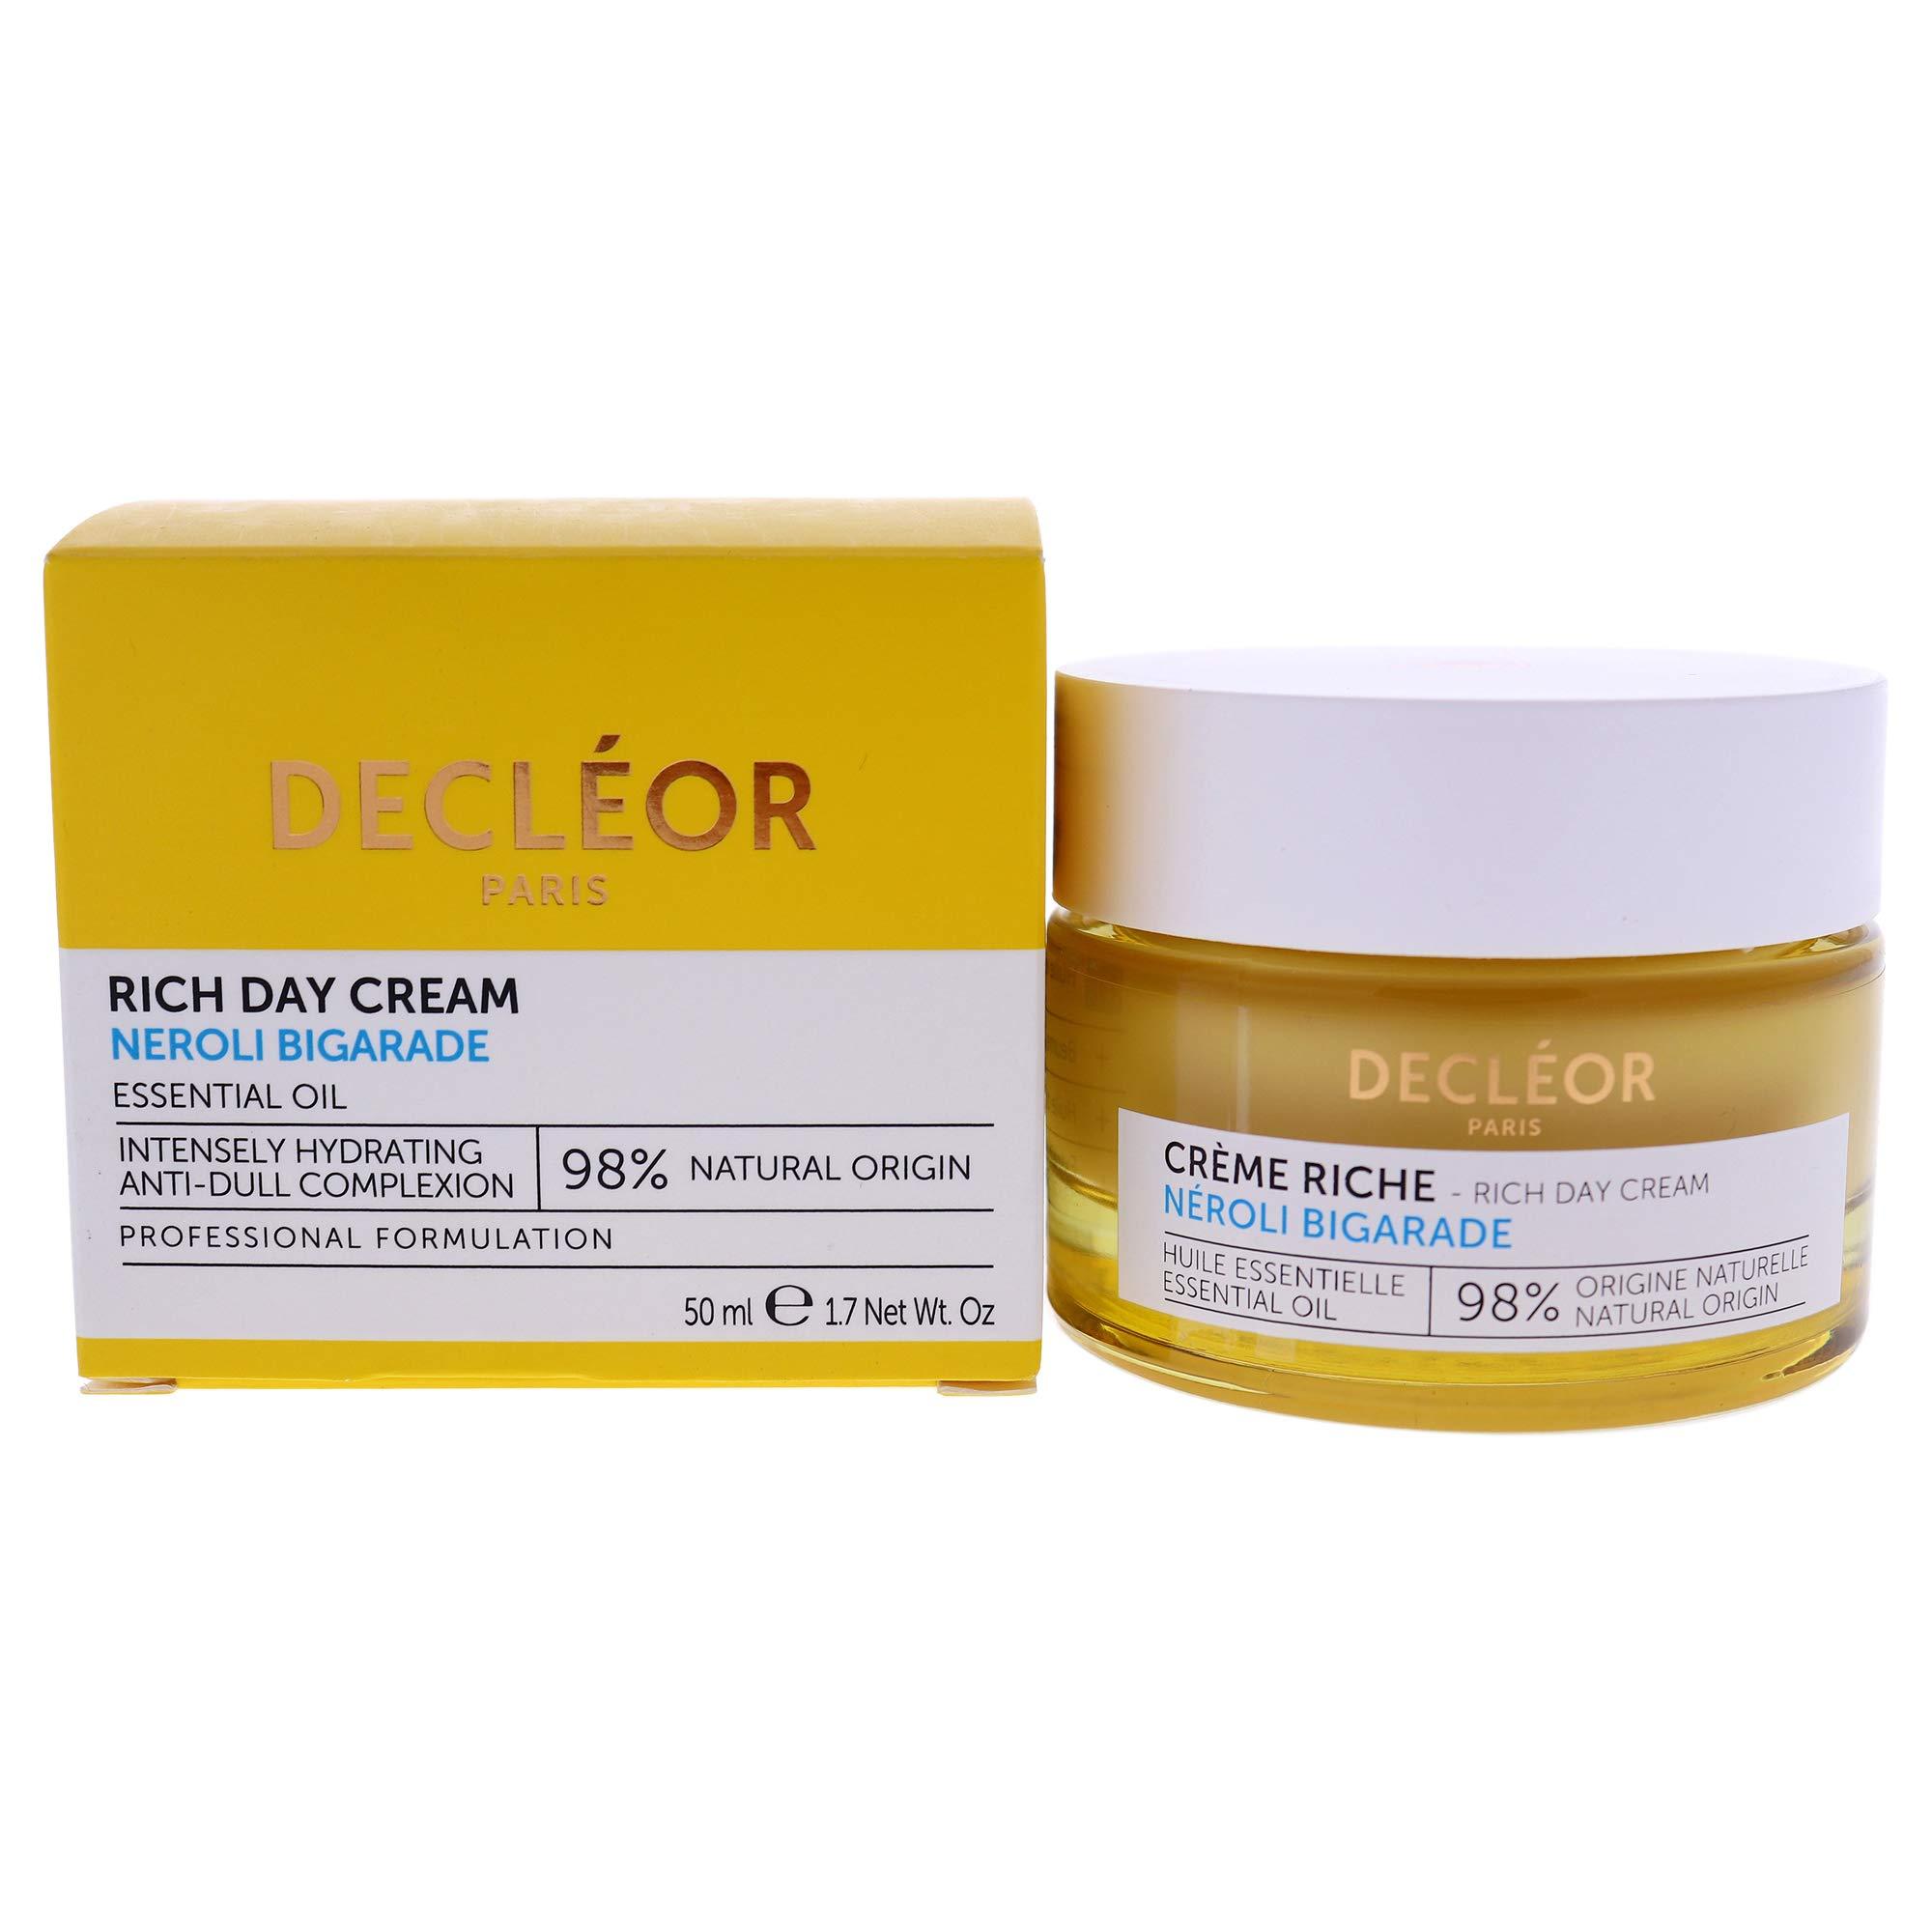 Decleor Rich Day Cream Neroli Bigarade Essential Oil,, 1.7 Ounce () (339554)